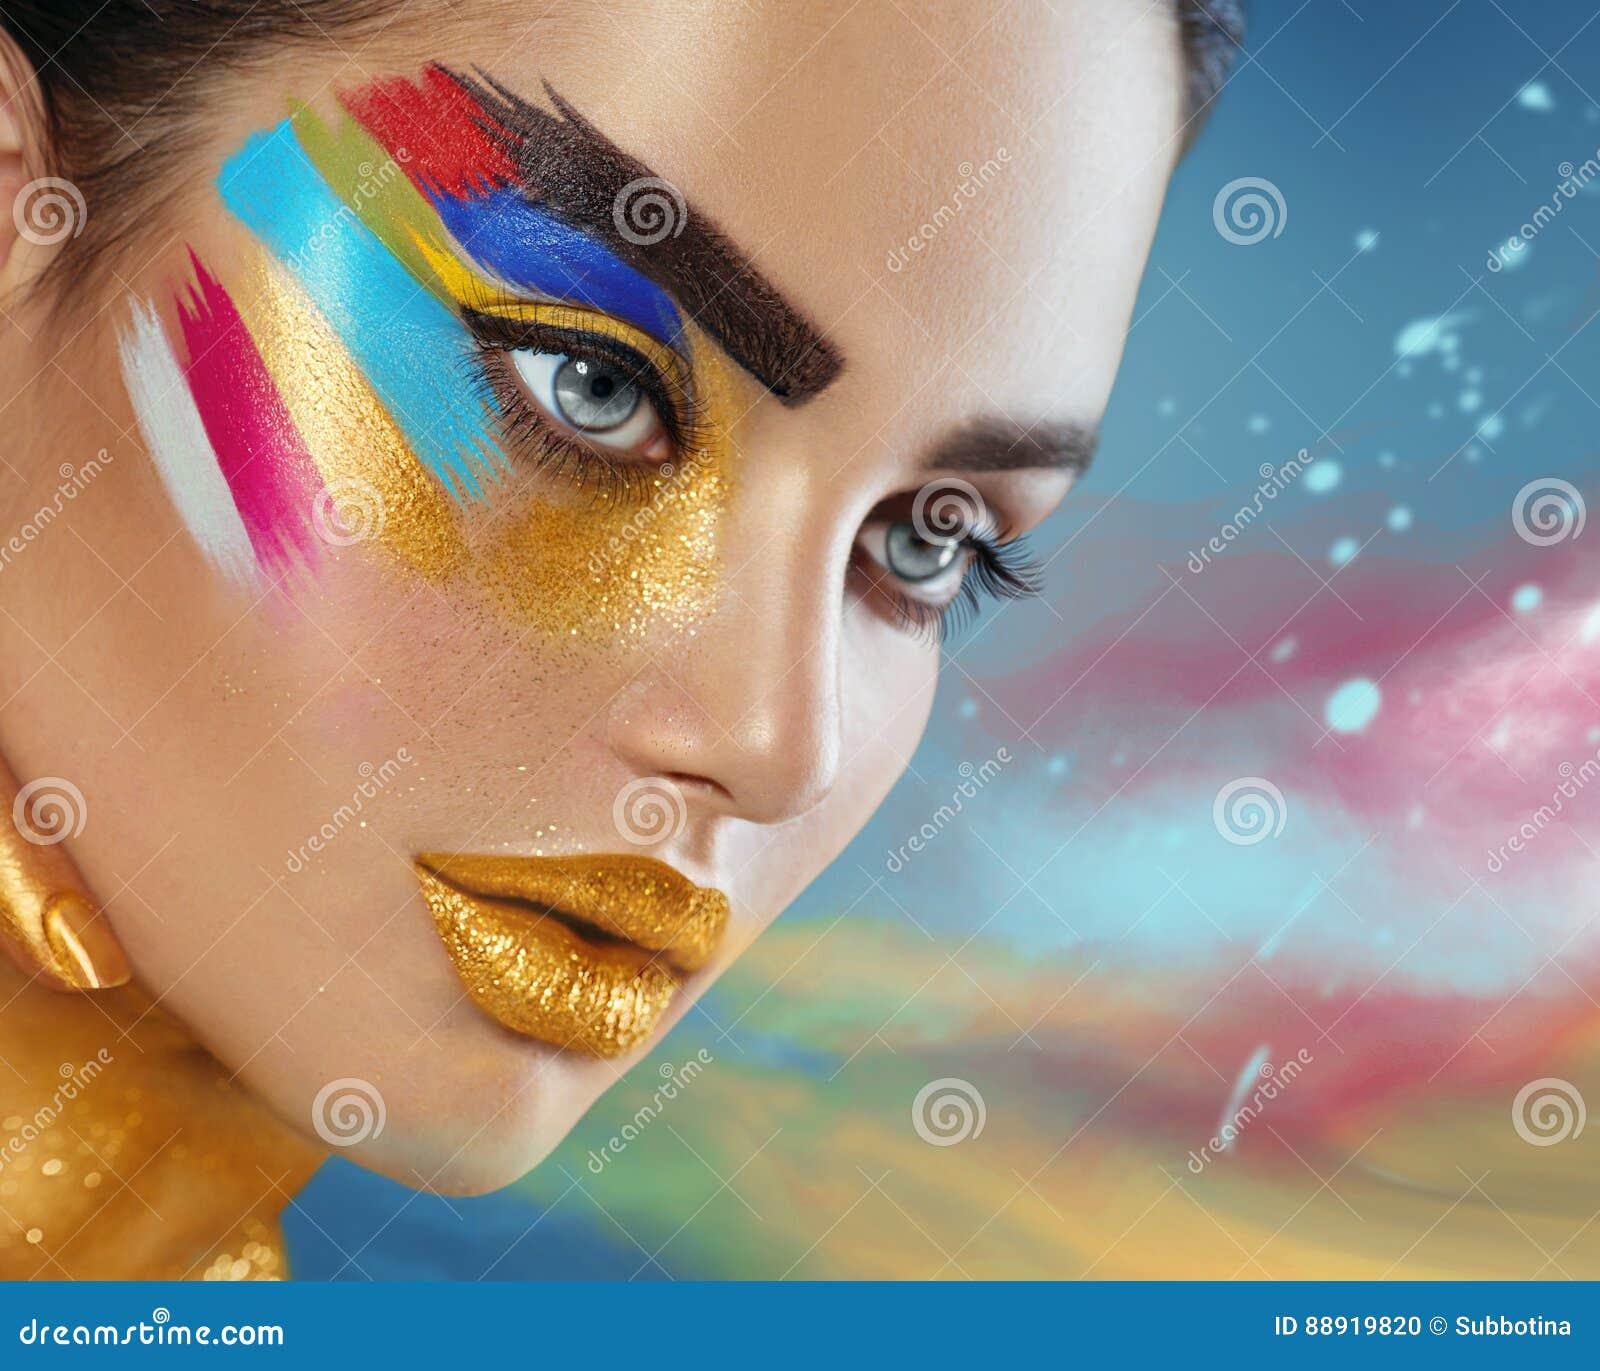 Retrato de la moda de la belleza de la mujer hermosa con maquillaje abstracto colorido